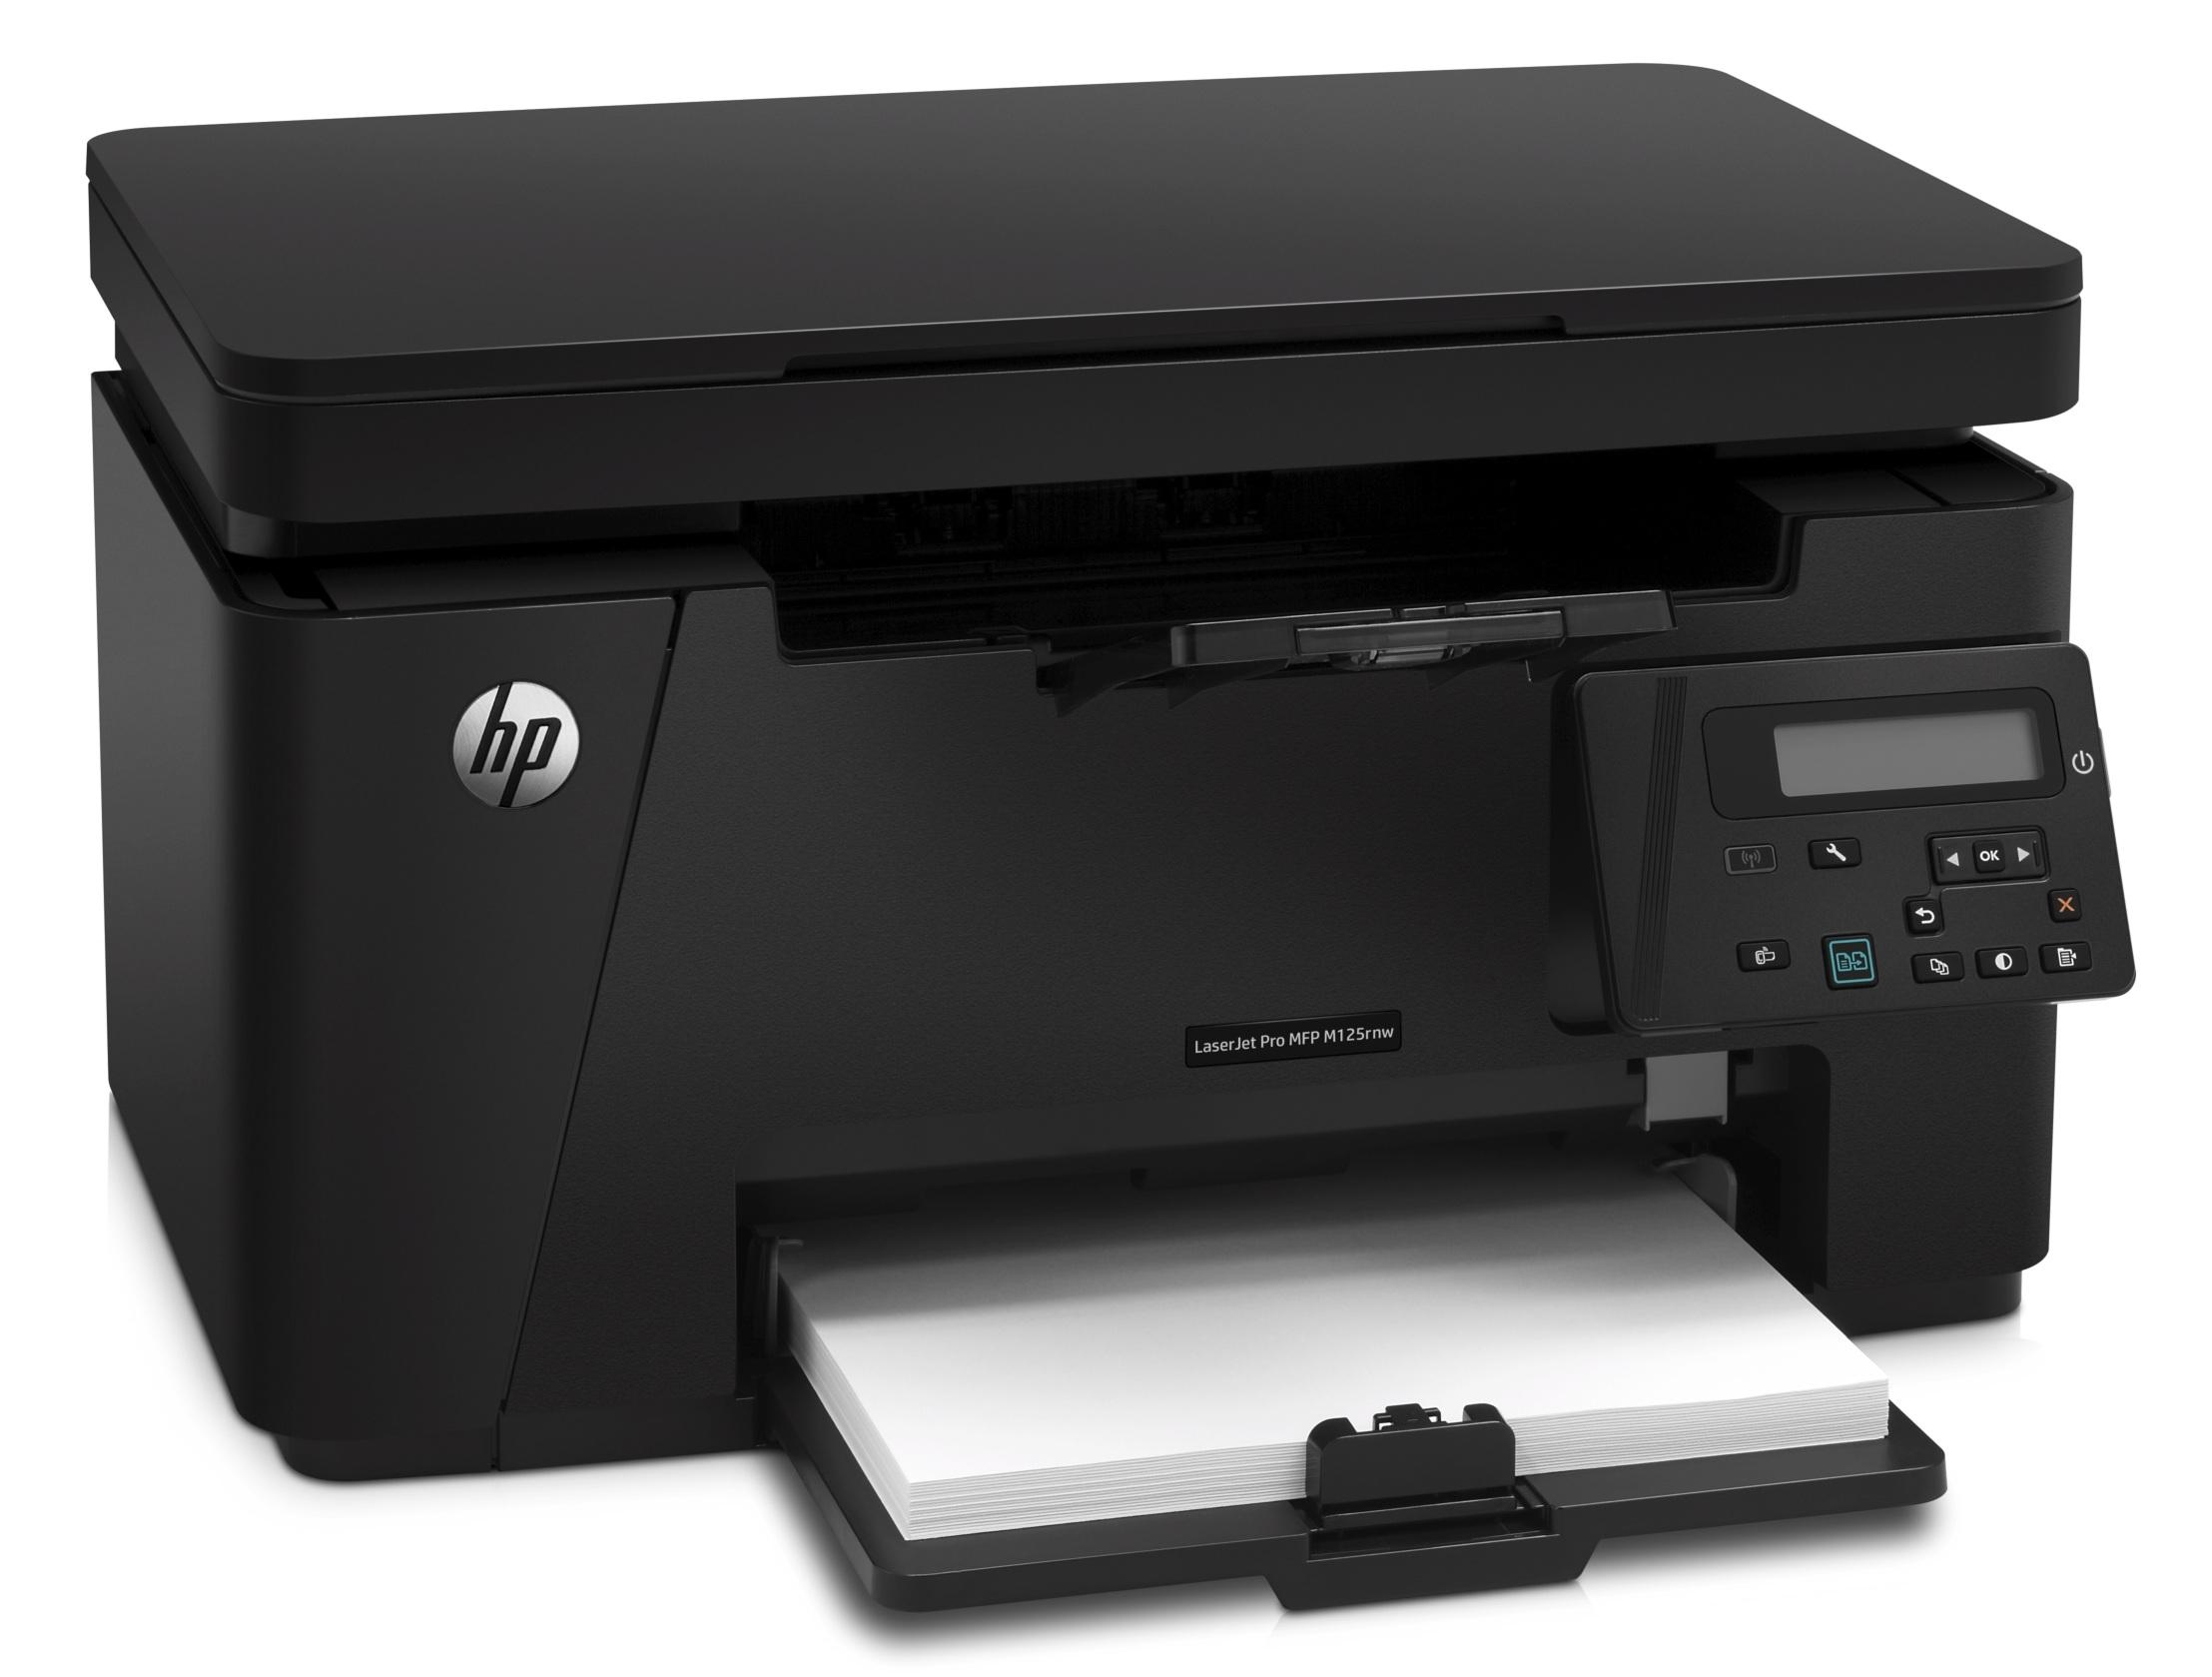 Торрент драйвер для принтера canon диз 1120